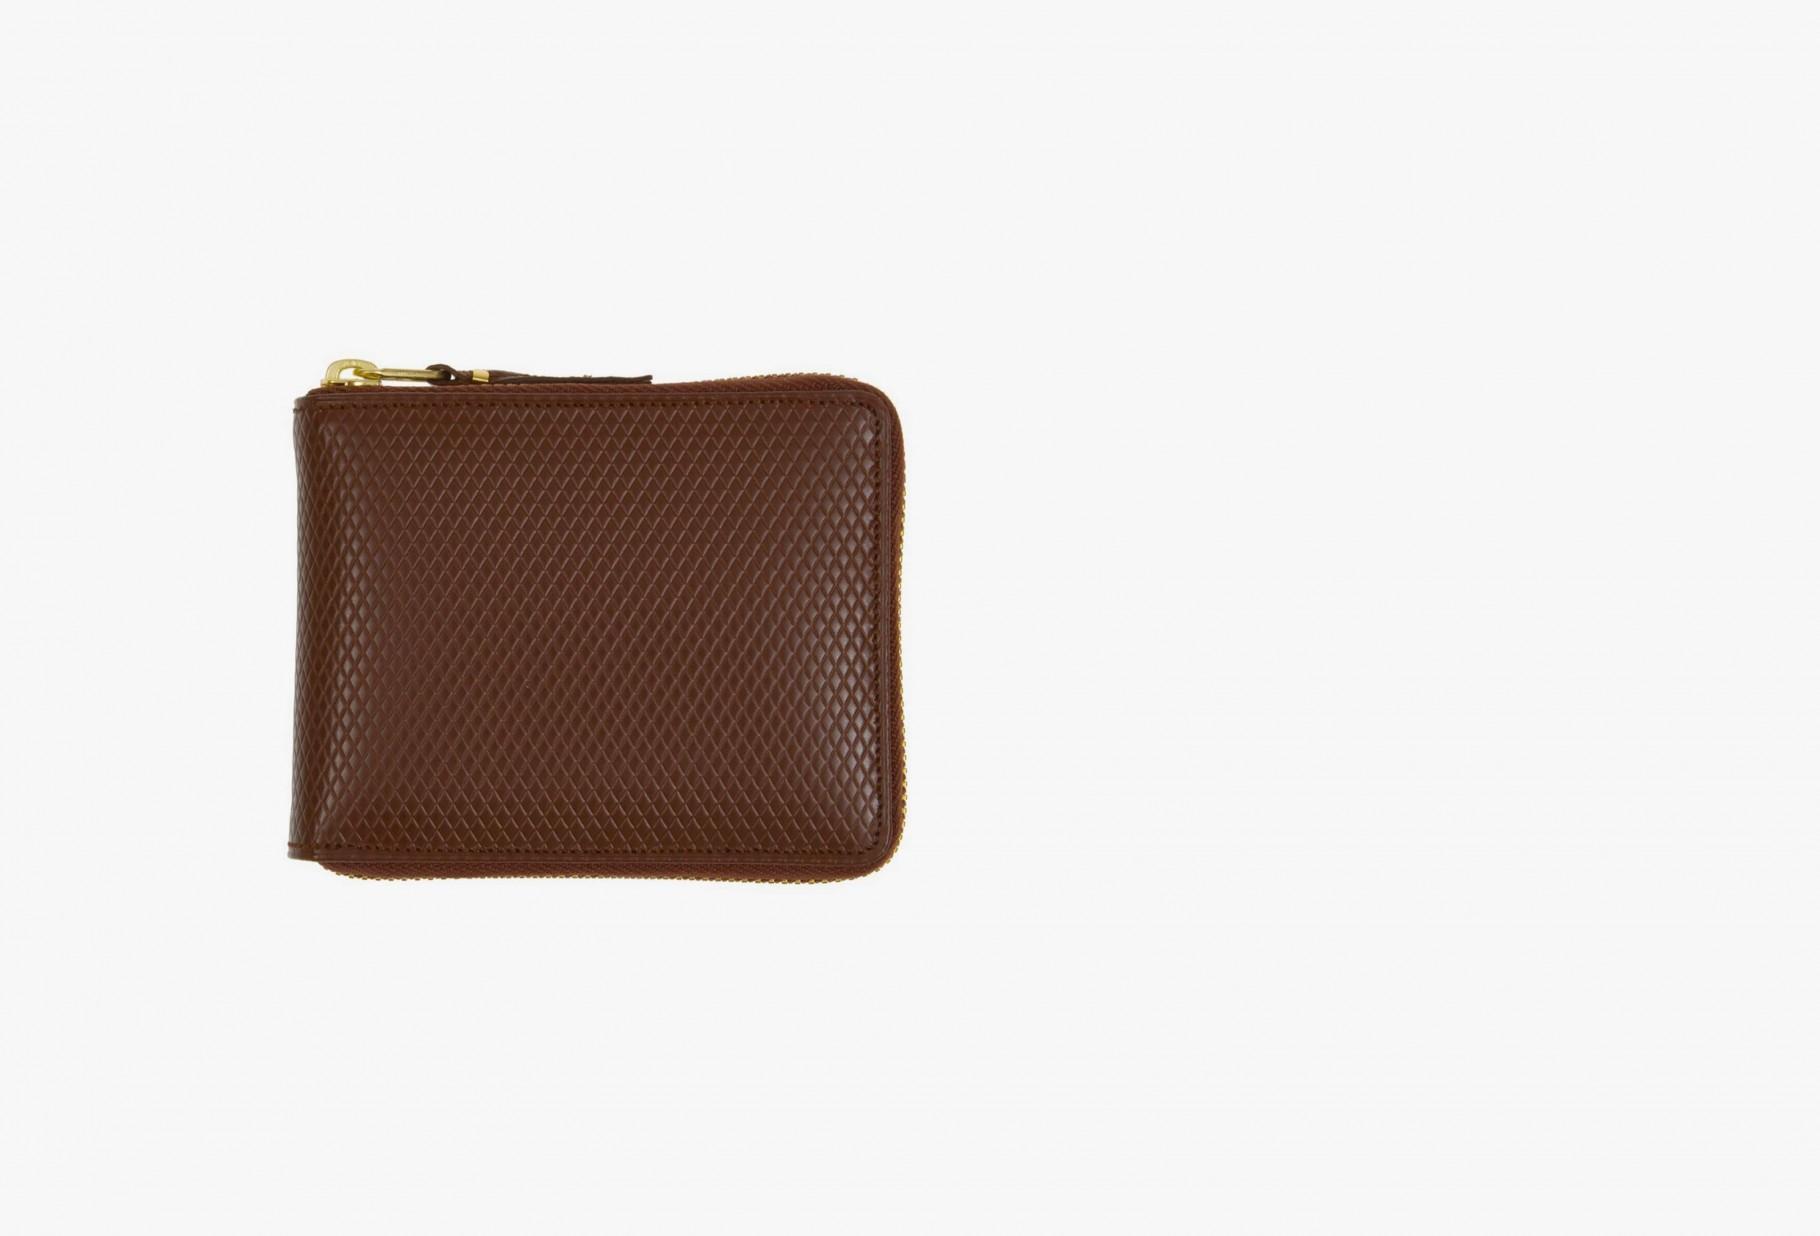 CDG WALLETS / Cdg luxury group sa7100lg Brown